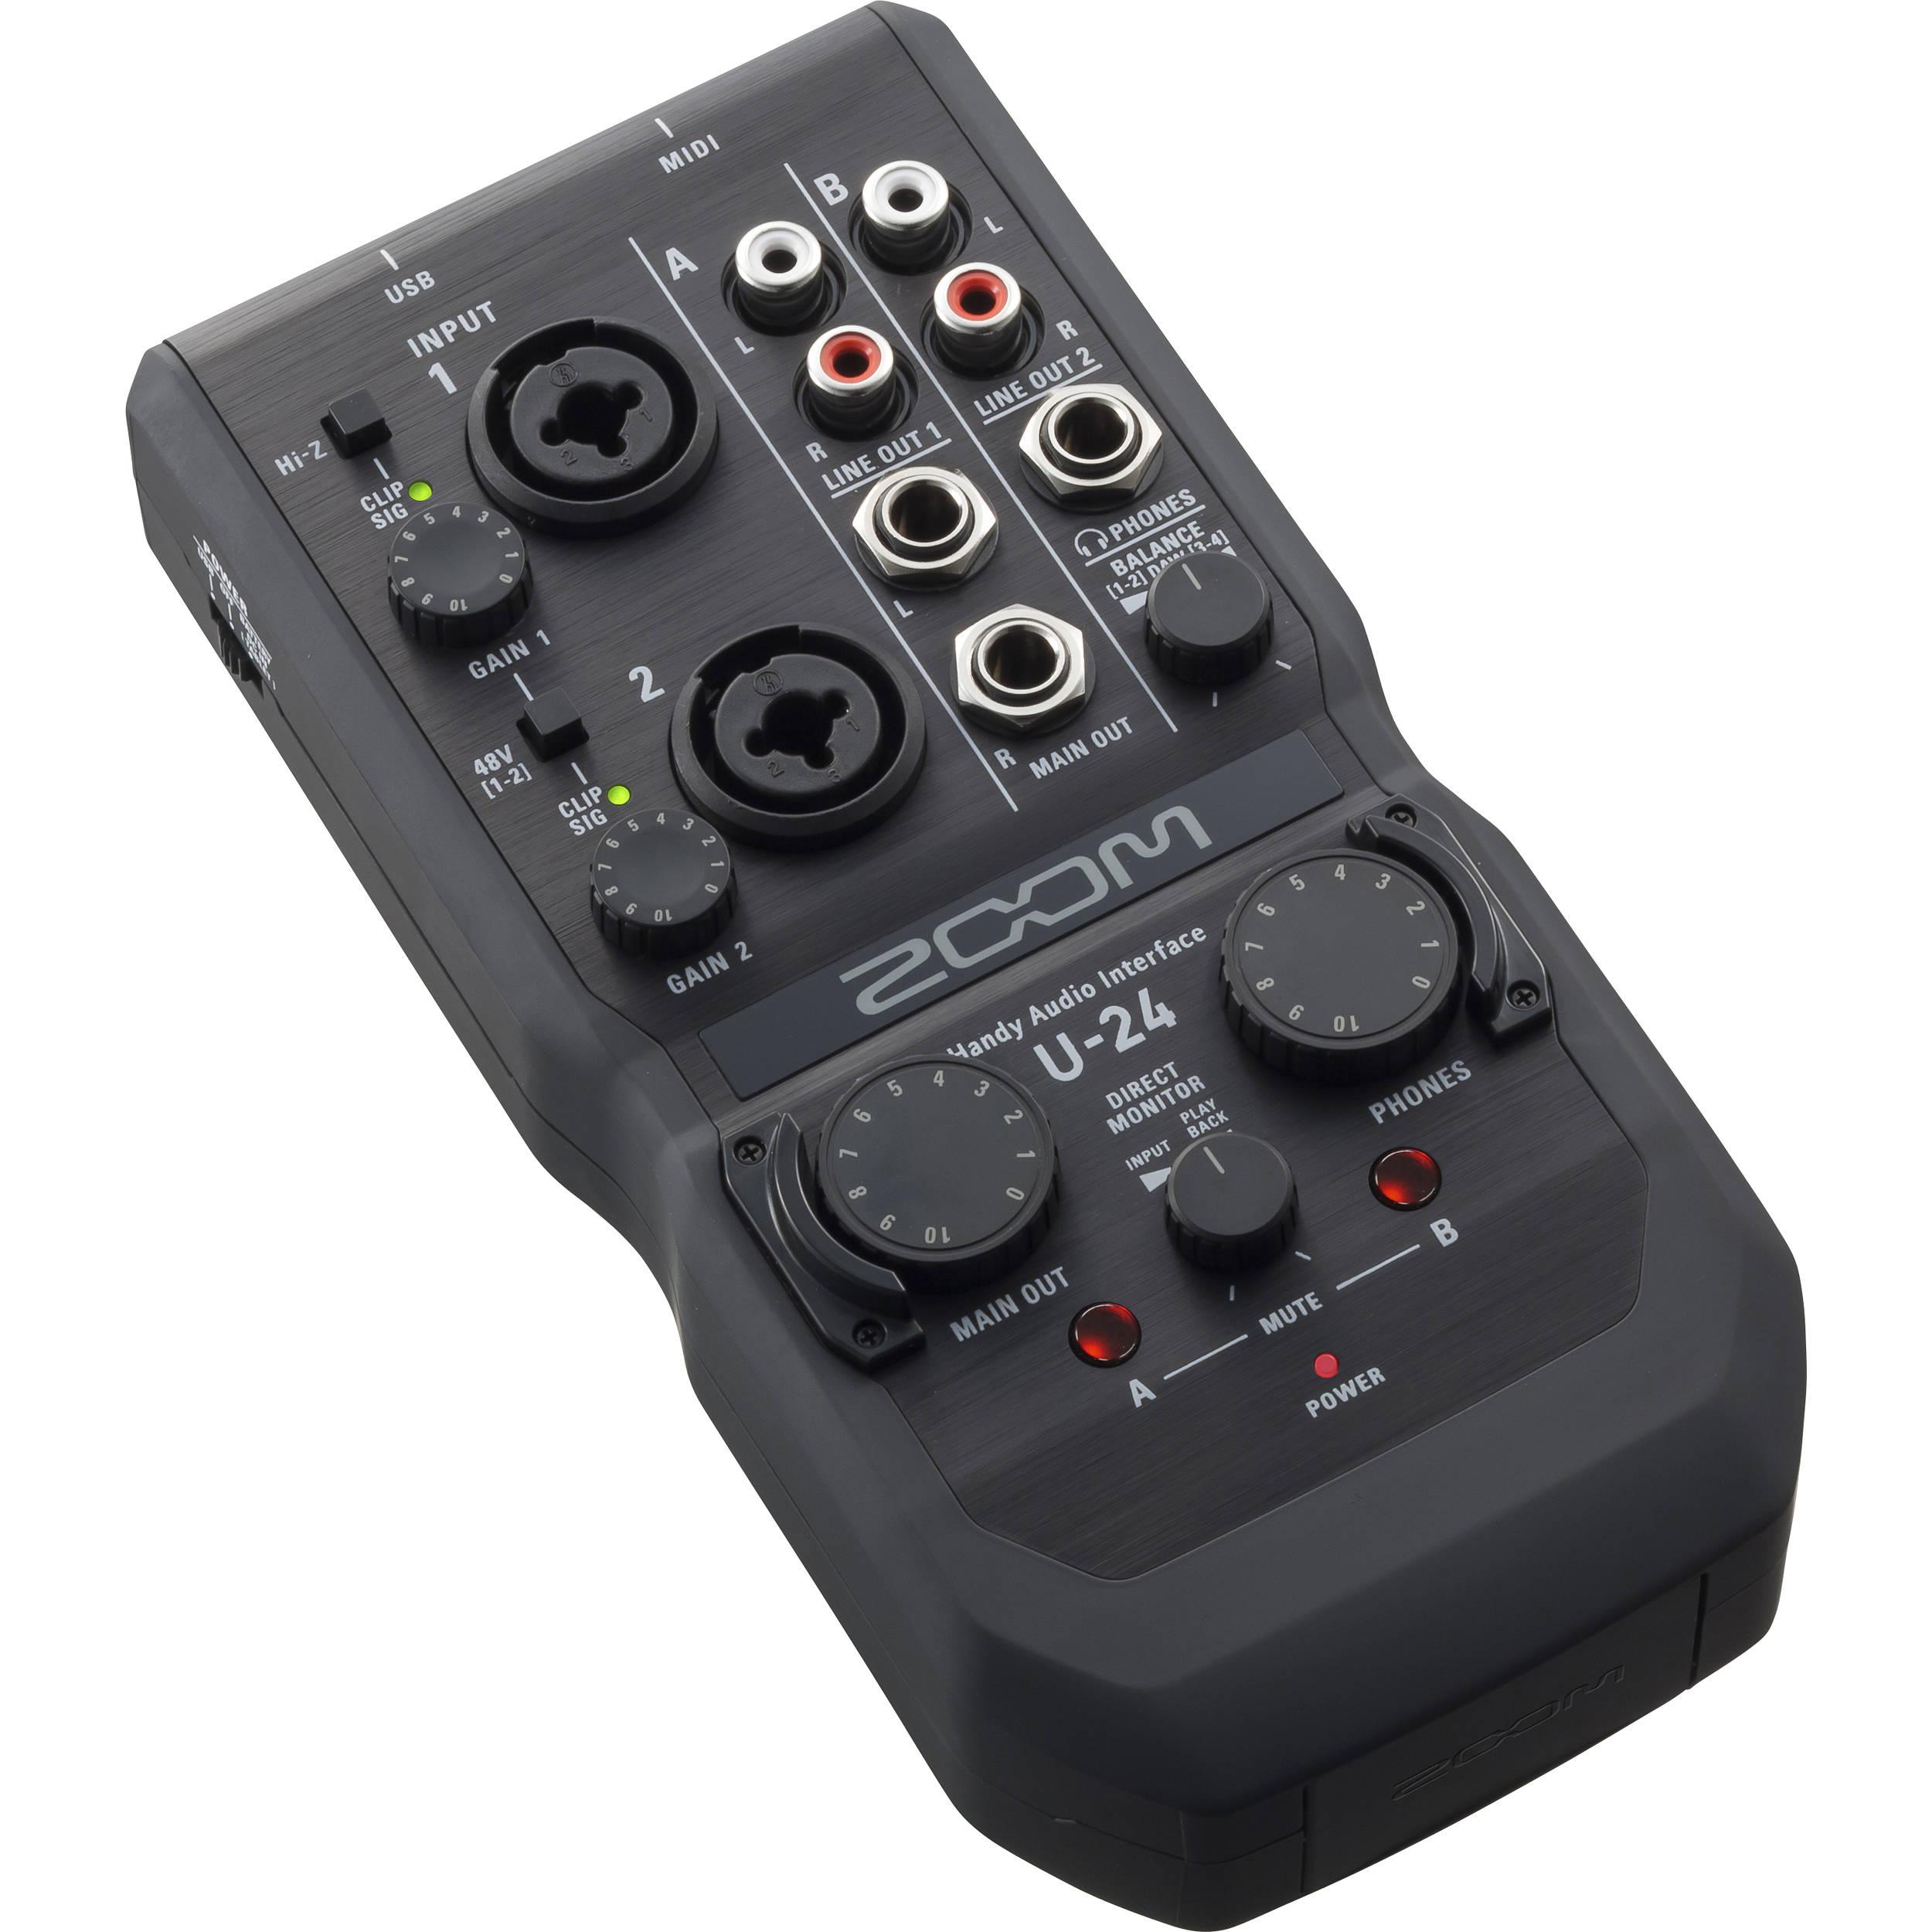 Portable Audio Interface : zoom u 24 portable audio interface zu24 b h photo video ~ Hamham.info Haus und Dekorationen